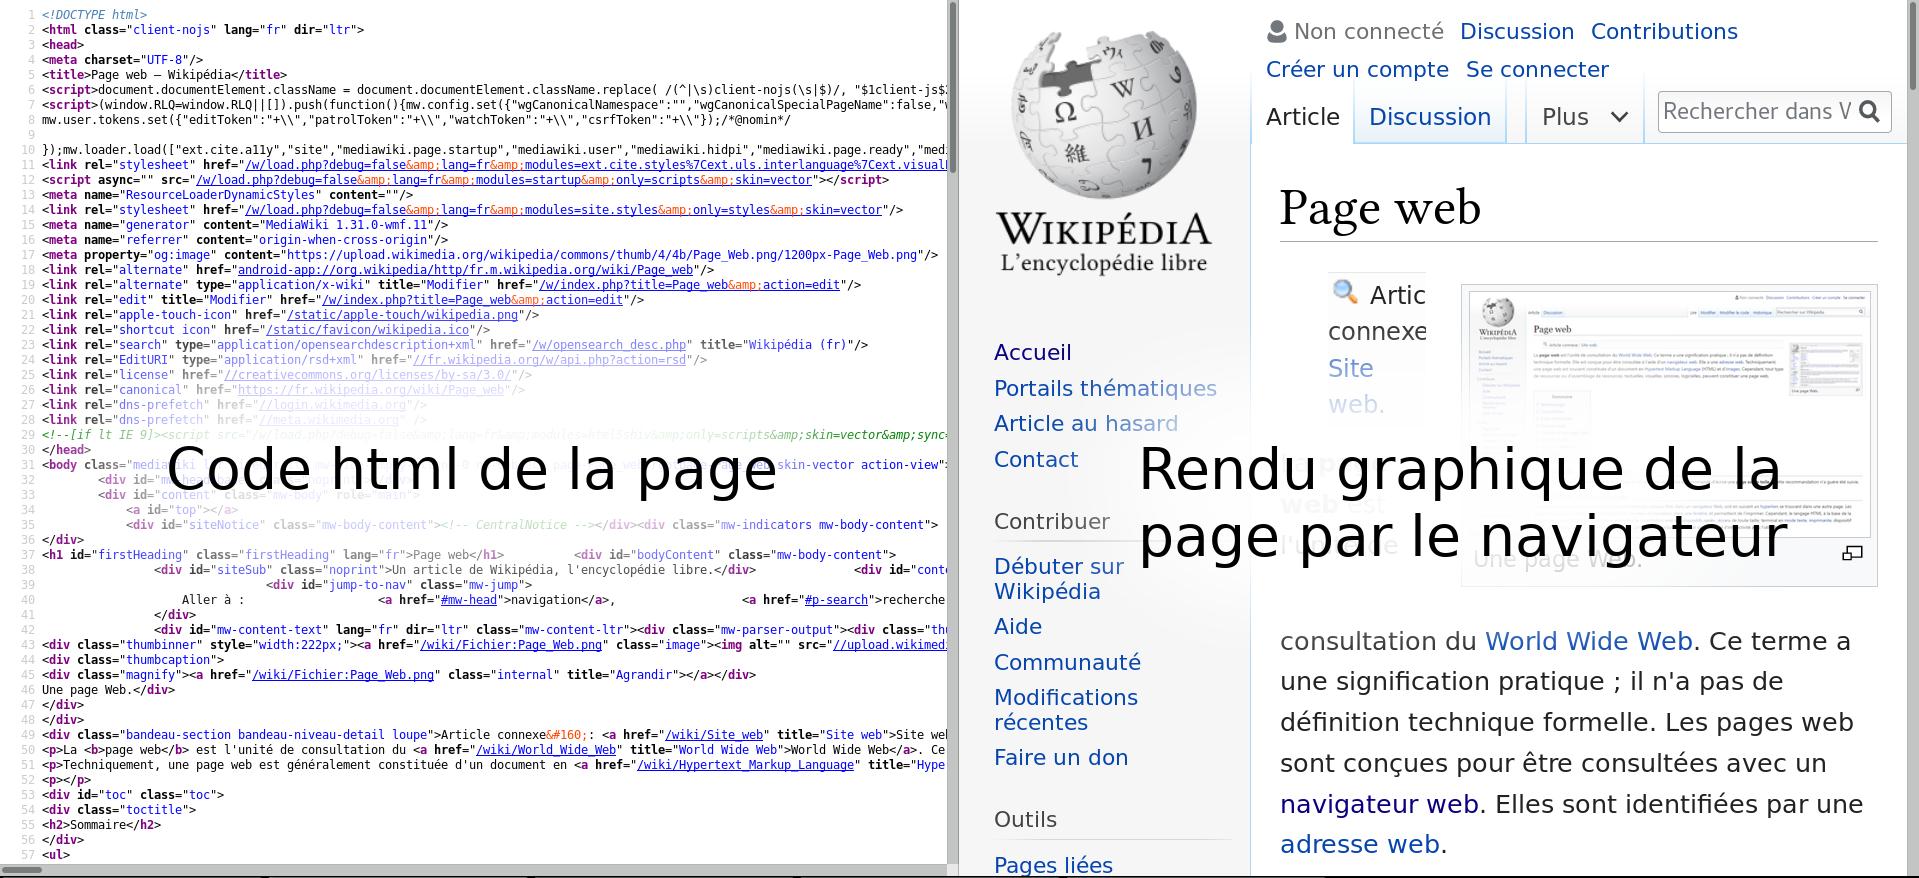 Rendu du html par le navigateur